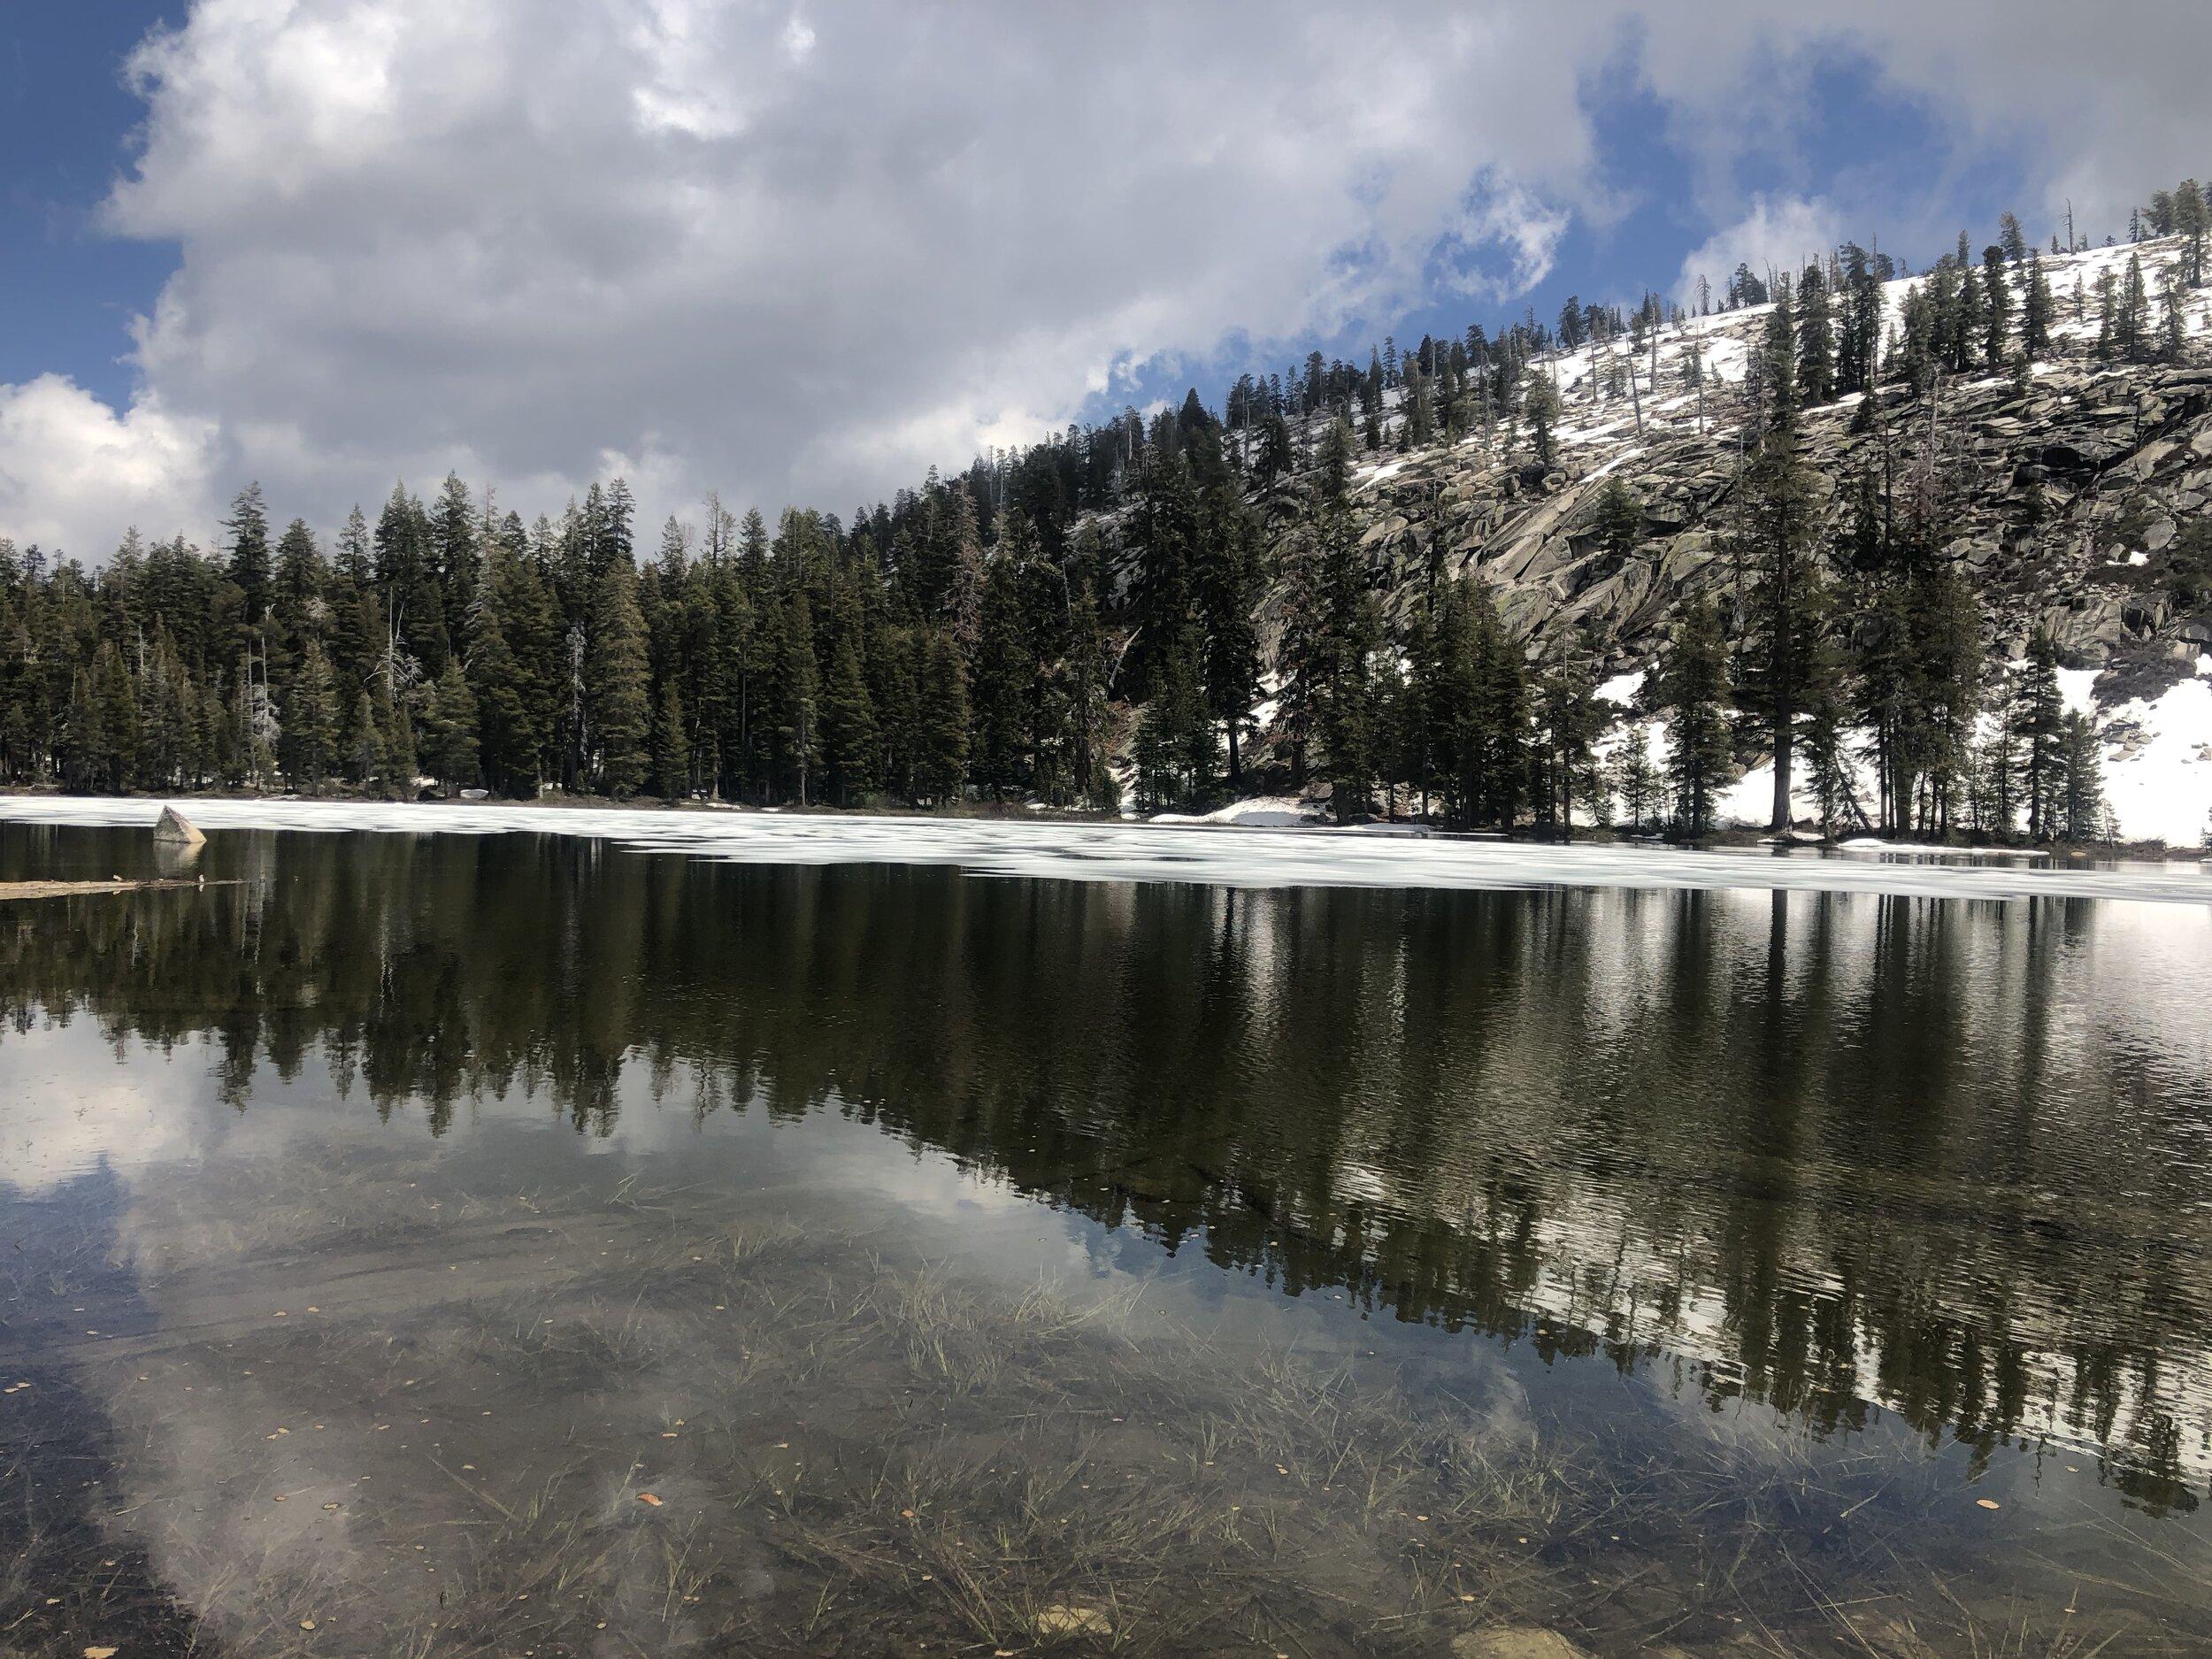 THIS LAKE+YOU=HEAVEN